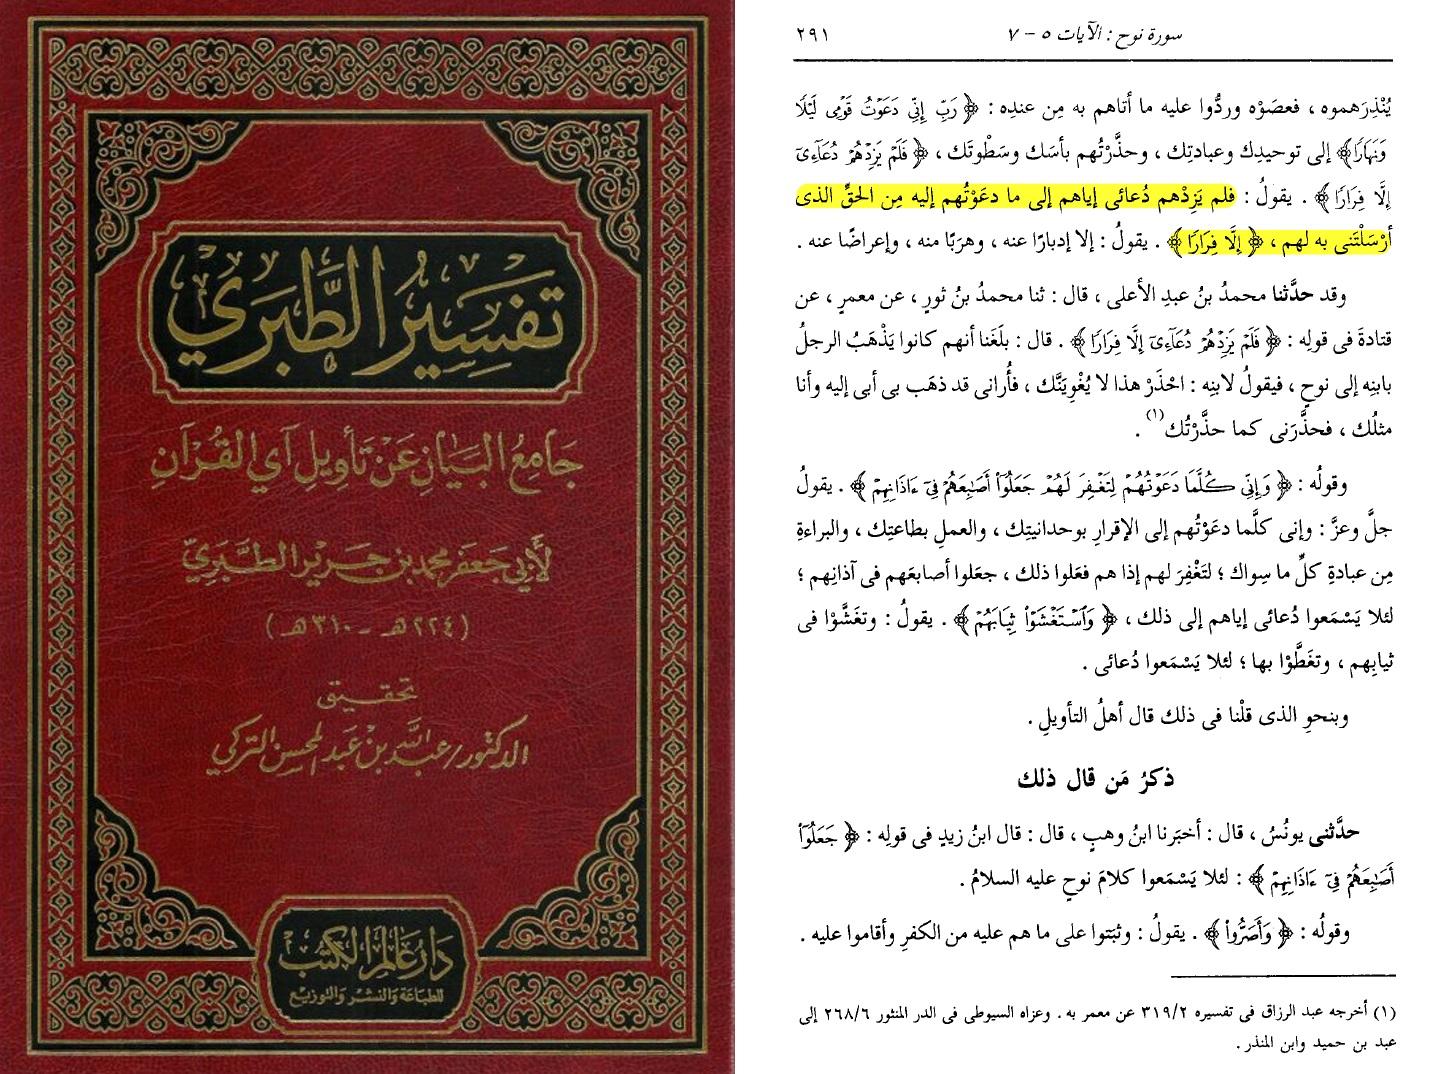 tafsir-e-tabari-b-23-s-291